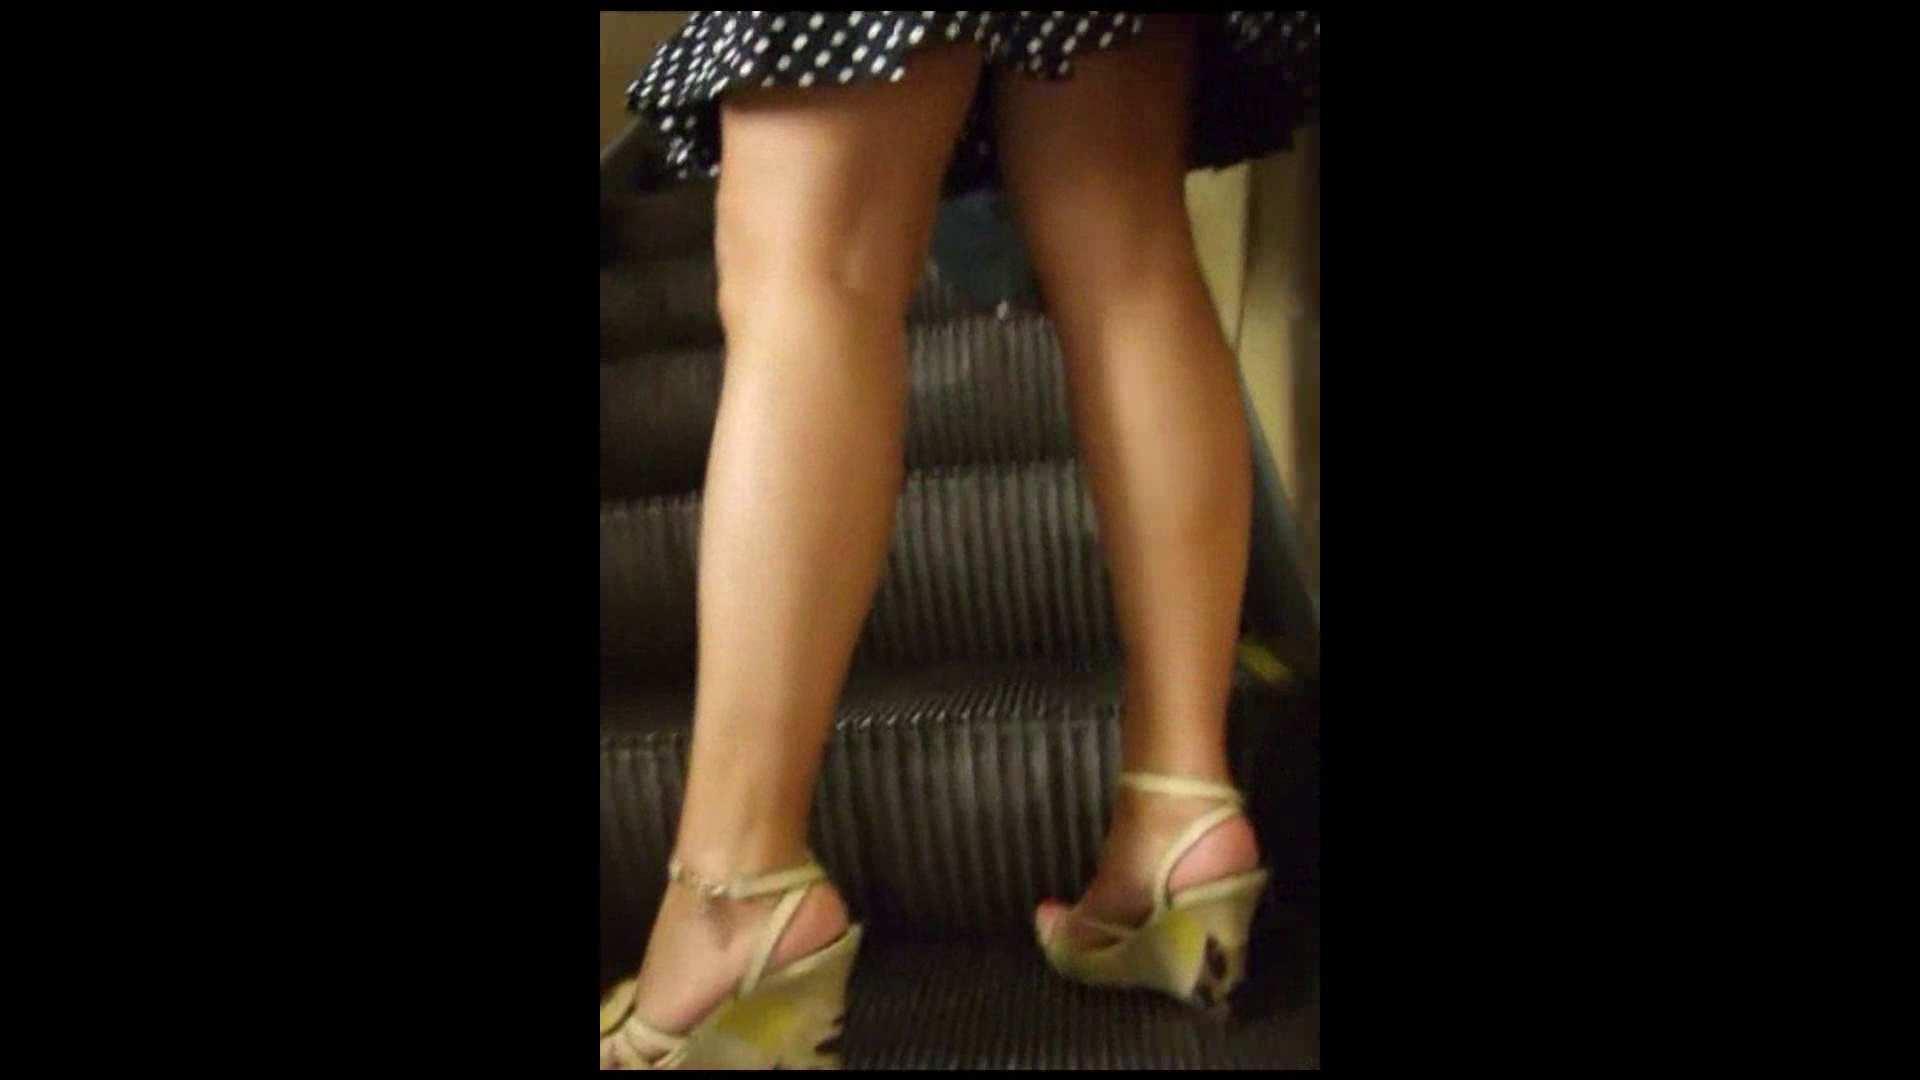 綺麗なモデルさんのスカート捲っちゃおう‼vol03 OLエロ画像  30PICs 4